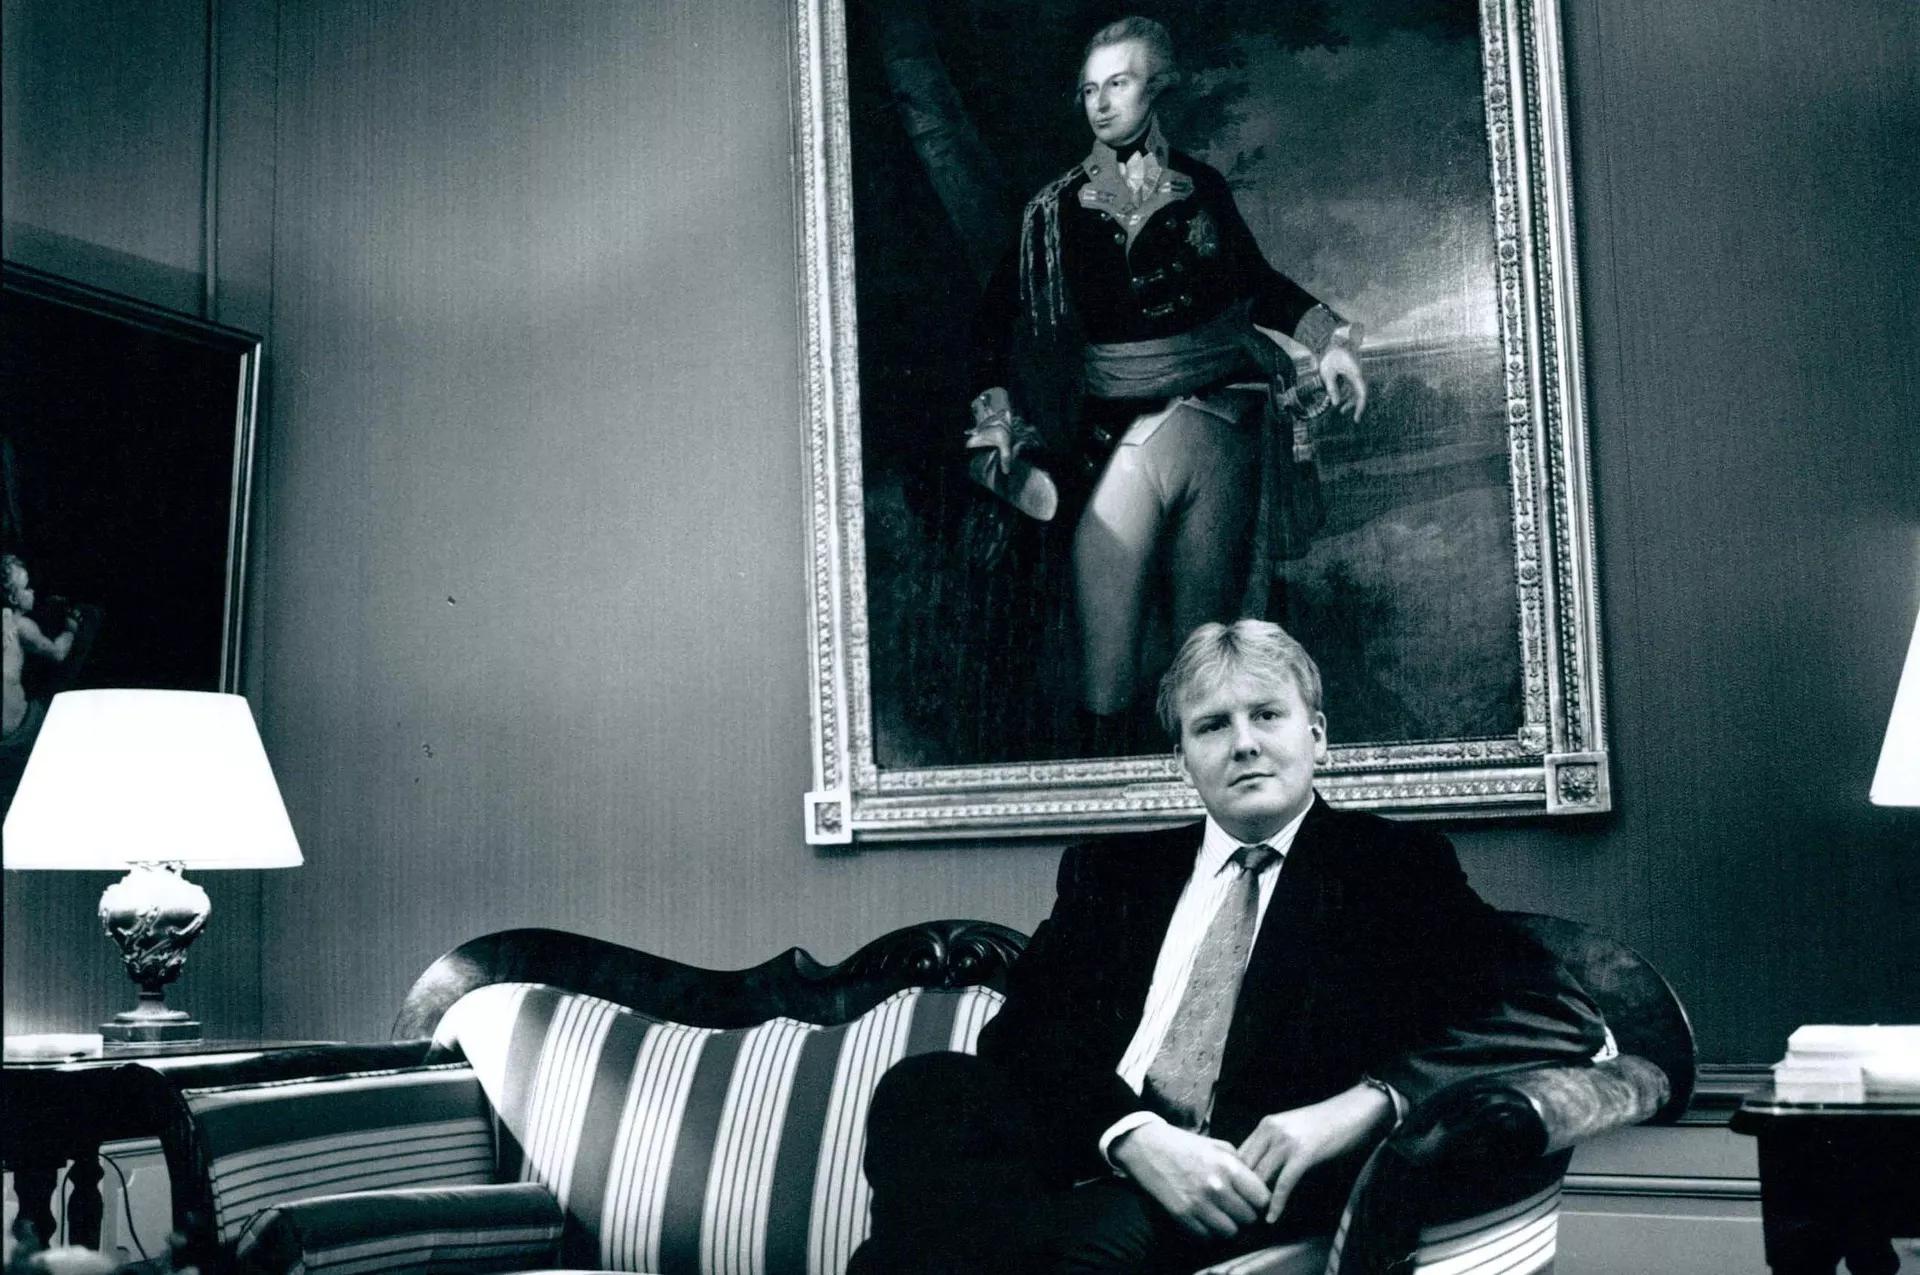 Виллем-Александр, тогда еще наследный принц, 27 лет, в интервью не ожидал королевского сана: «Нет, конечно, нет».